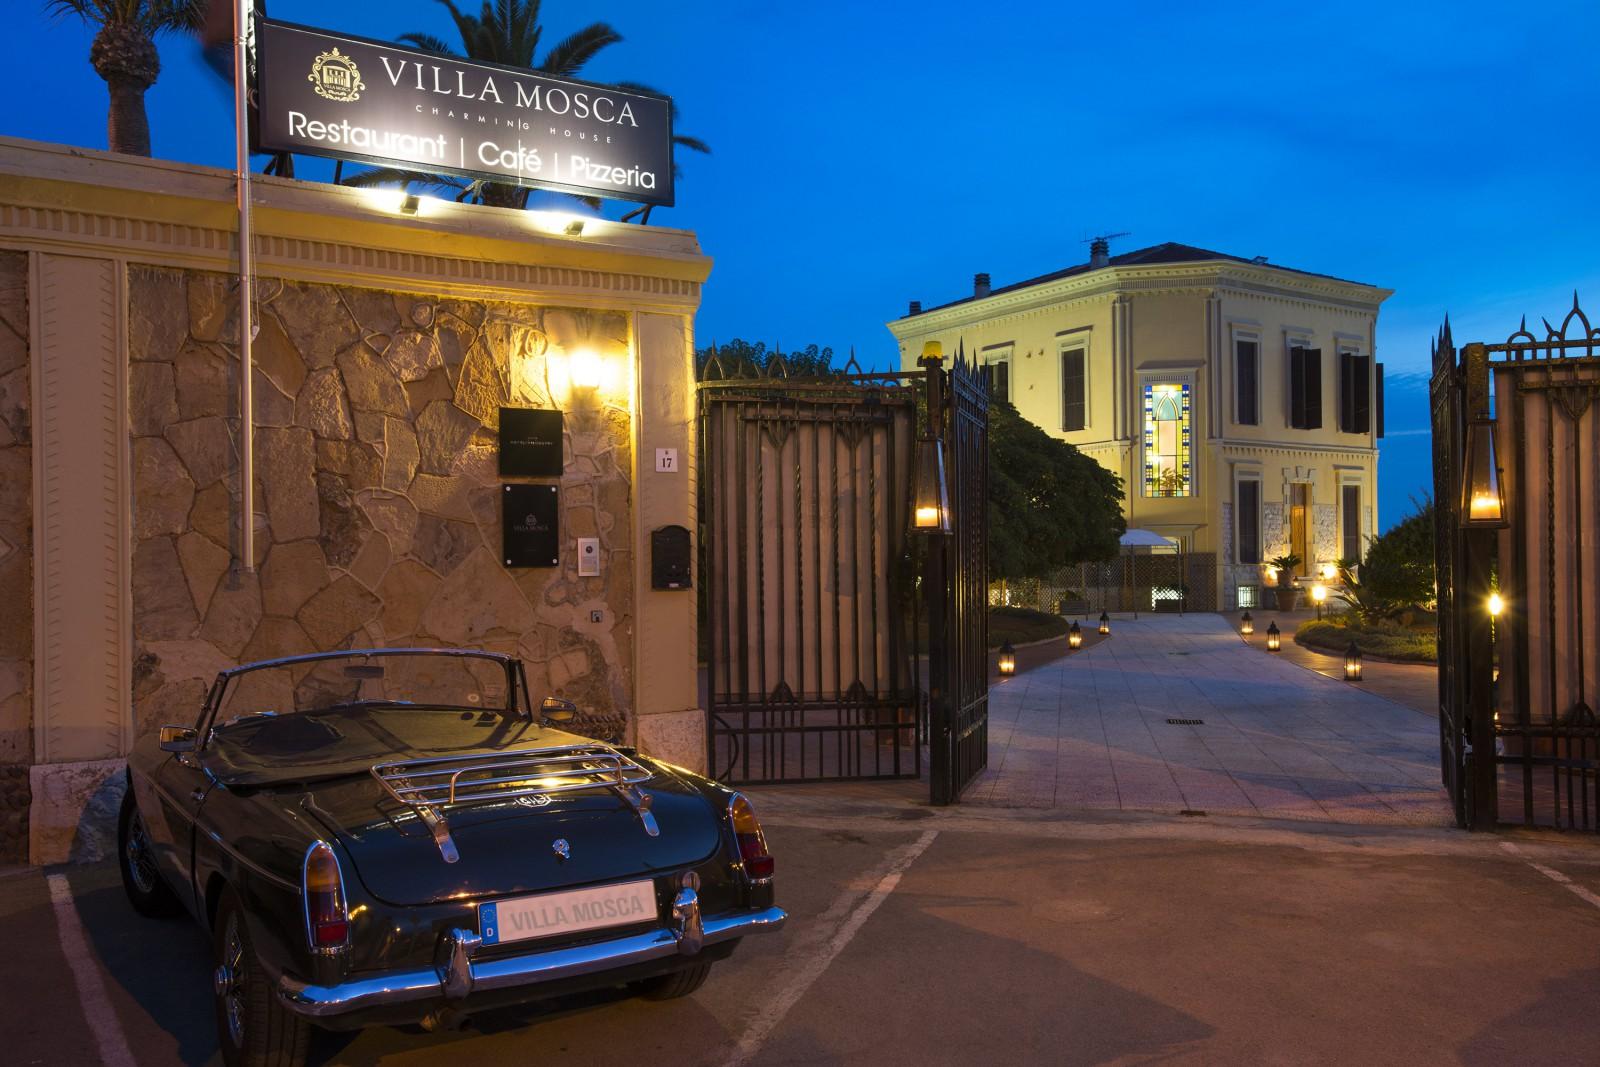 Villa Mosca, Alghero, Sardinia